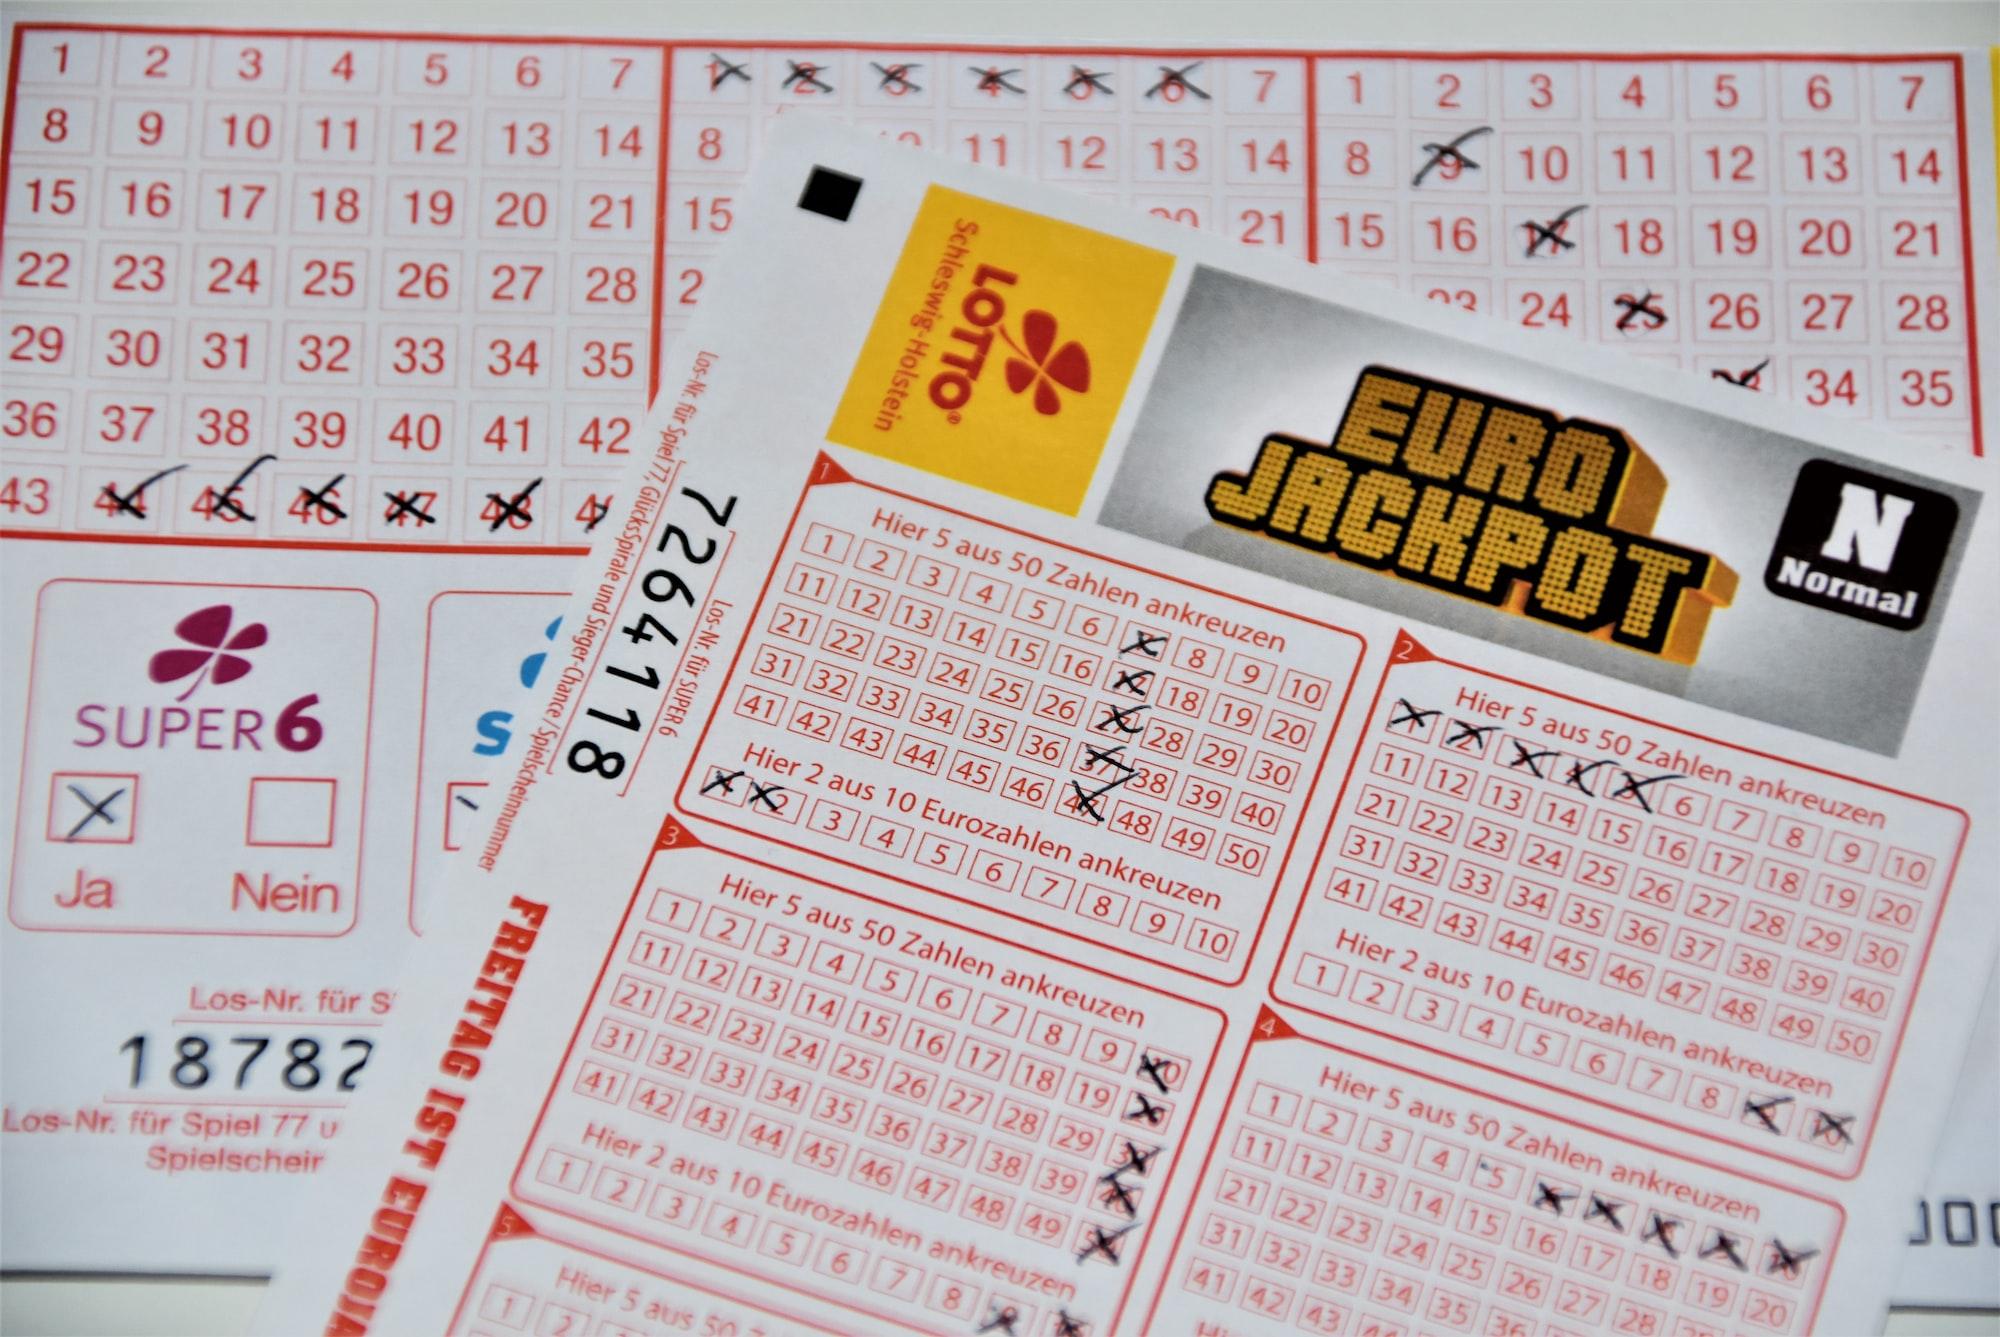 Estrazioni Lotto, Superenalotto e 10eLotto 23/01/21: i numeri vincenti